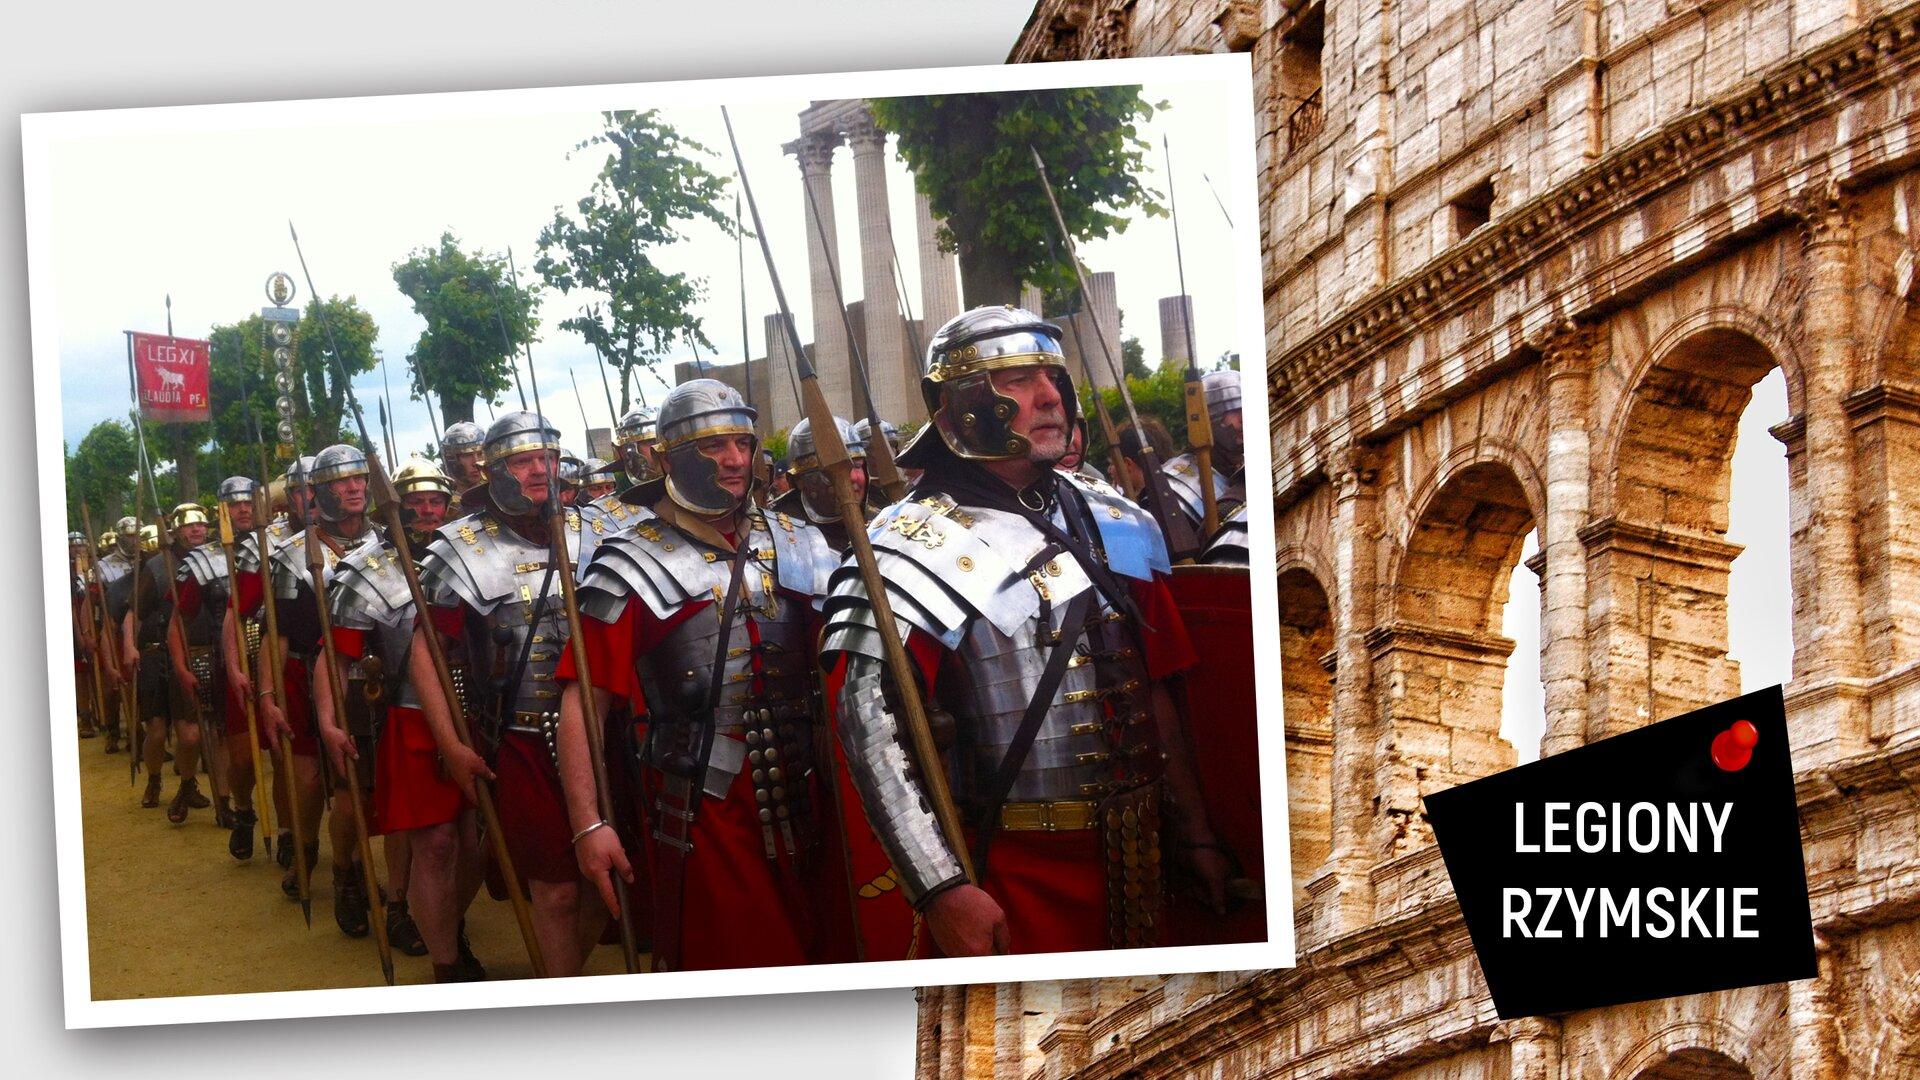 """Ilustracja przedstawia zdjęcie na tle jasnej, monumentalnej budowli złukami. Zdjęcie przedstawia mężczyzn ubranych wstroje rzymskich legionistów. Mają na sobie czerwone szaty, ana nich lśniące zbroje. Każdy znich niesie wprawej ręce tzw. pilum, czyli oszczep stosowany właśnie przez Rzymian. Idą wuporządkowanym szyku. Jeden znich niesie czerwoną chorągiew zbiałym napisem """"LEG XI"""". Za nimi stoją częściowo zburzone, wysokie ismukłe kolumny. Wprawym dolnym rogu ilustracji, na czarnym czworoboku jest biały napis: """"LEGIONY RZYMSKIE""""."""